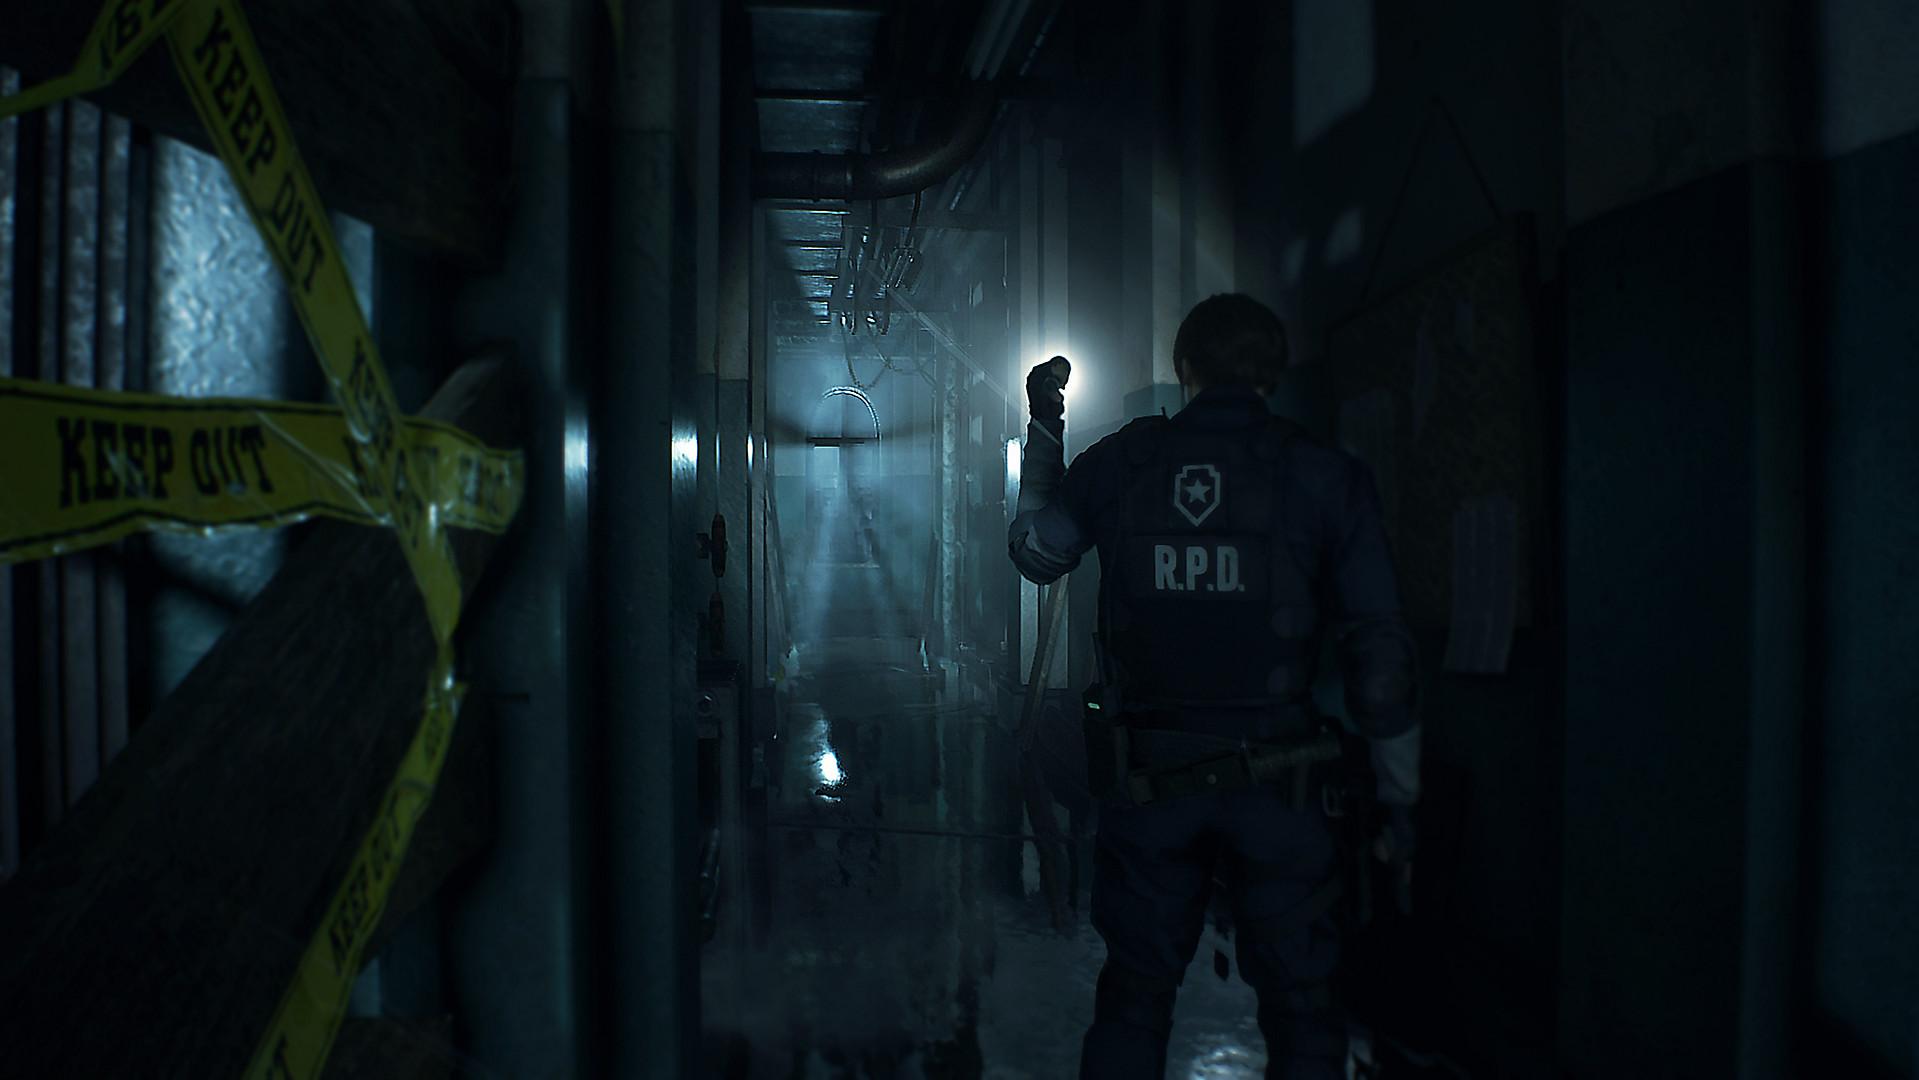 resident-evil-2-screen-07-ps4-us-12dec18